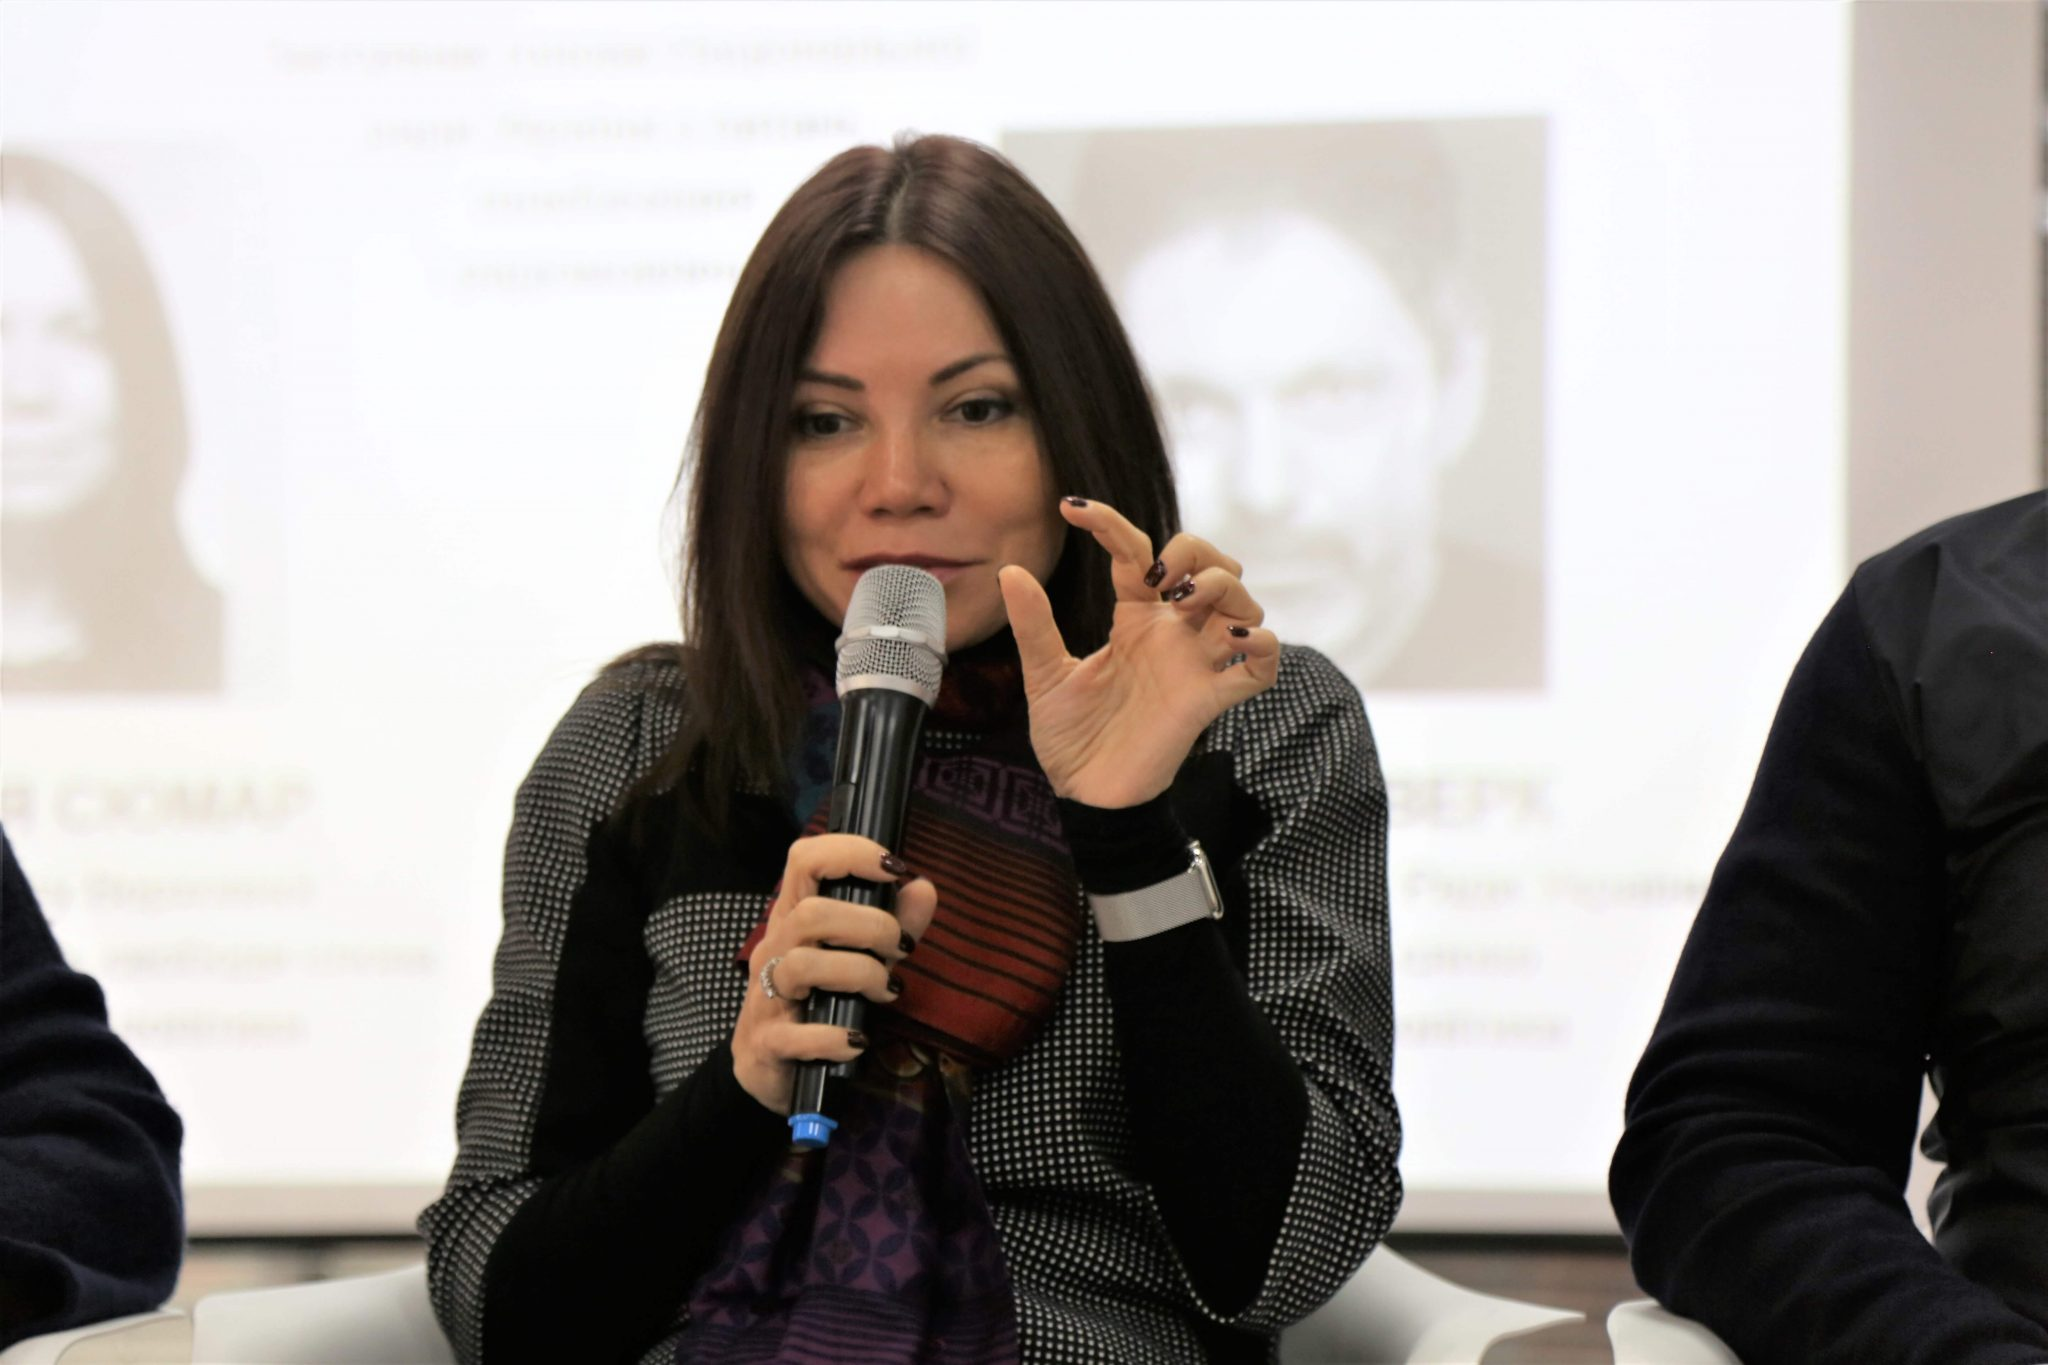 Квота Ахметова. Комитет Сюмар рекомендовал Раде к рассмотрению шесть кандидатов в члены Нацсовета